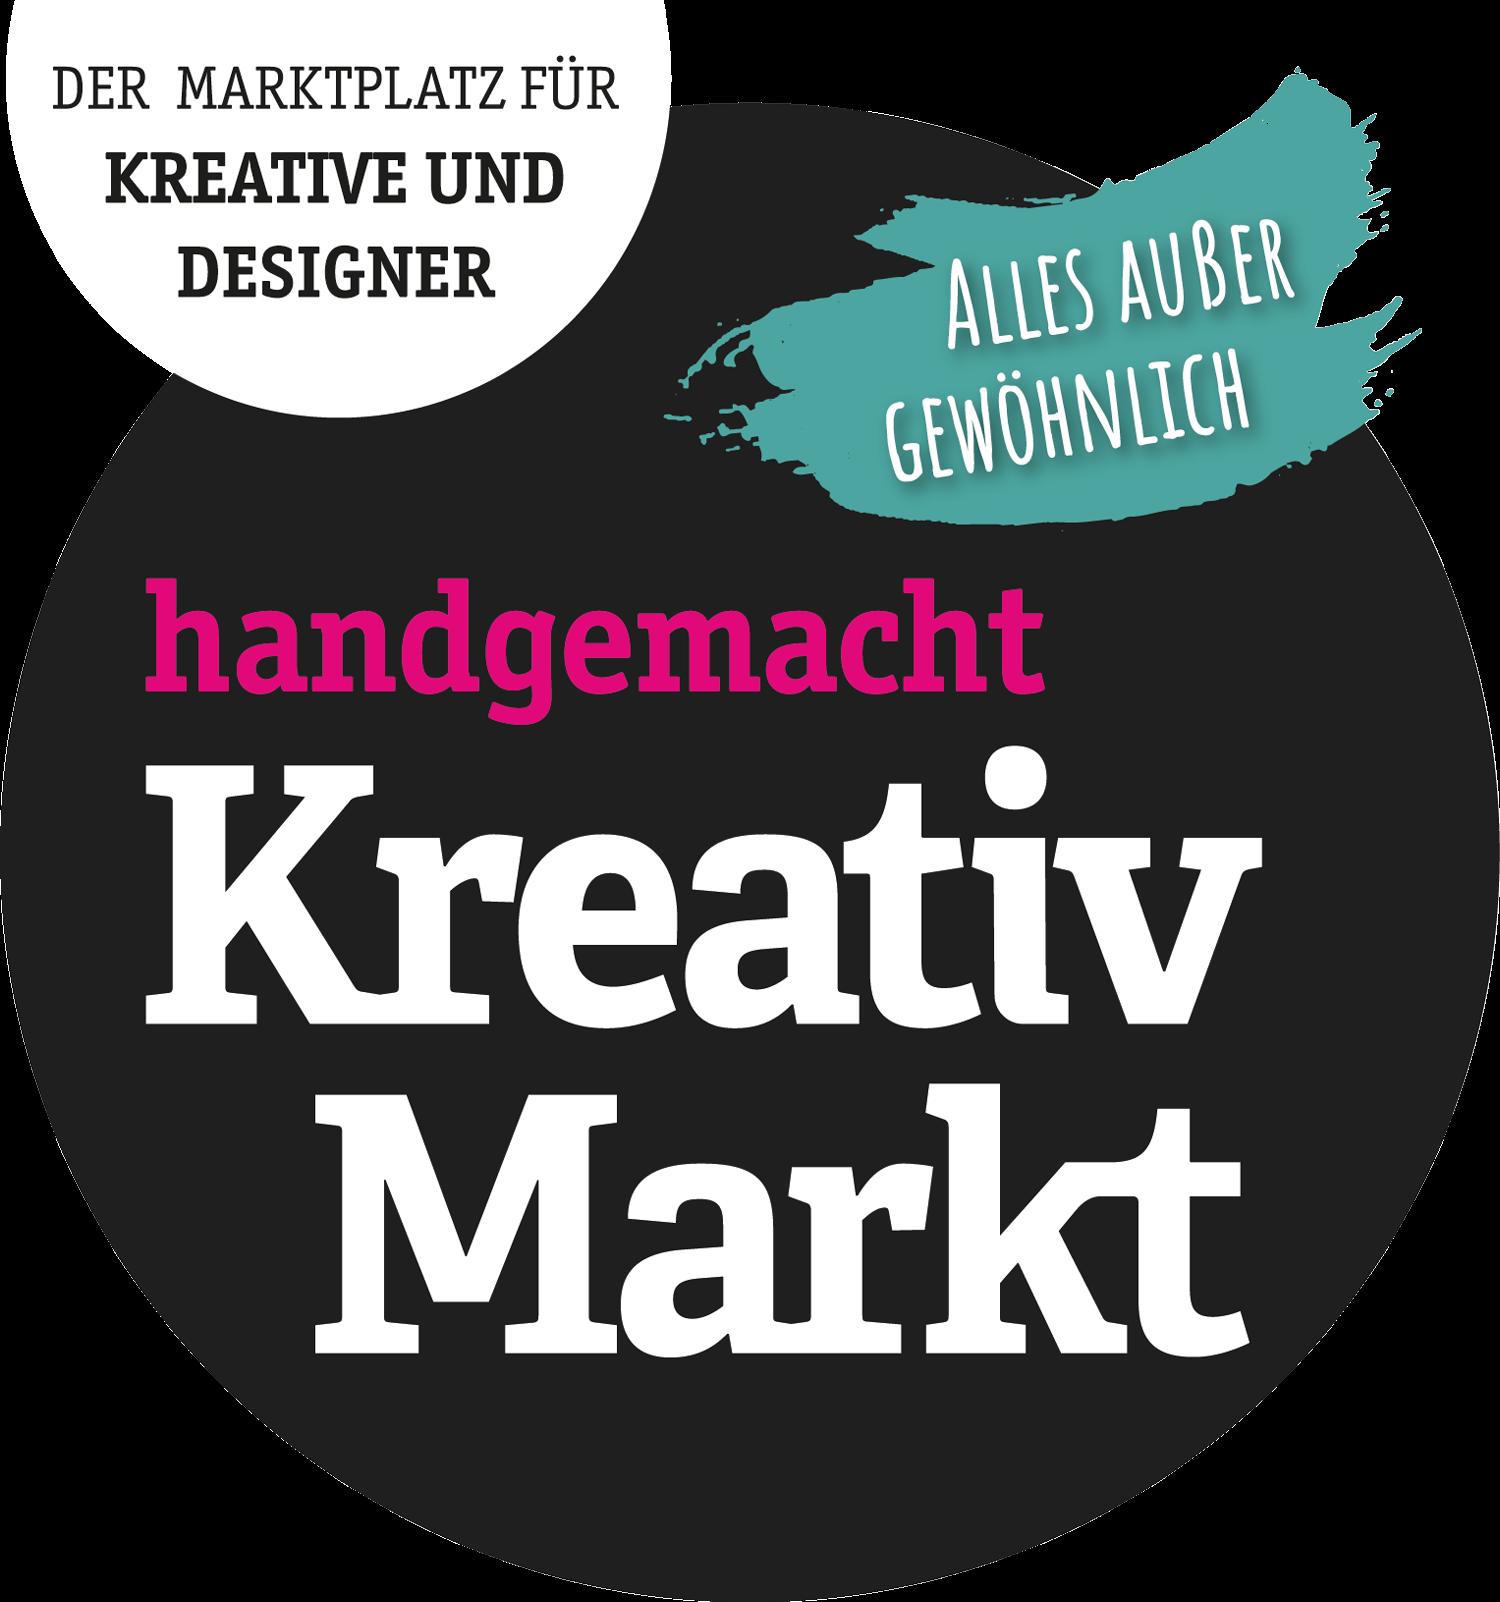 Kreativmarkt-Augsburg